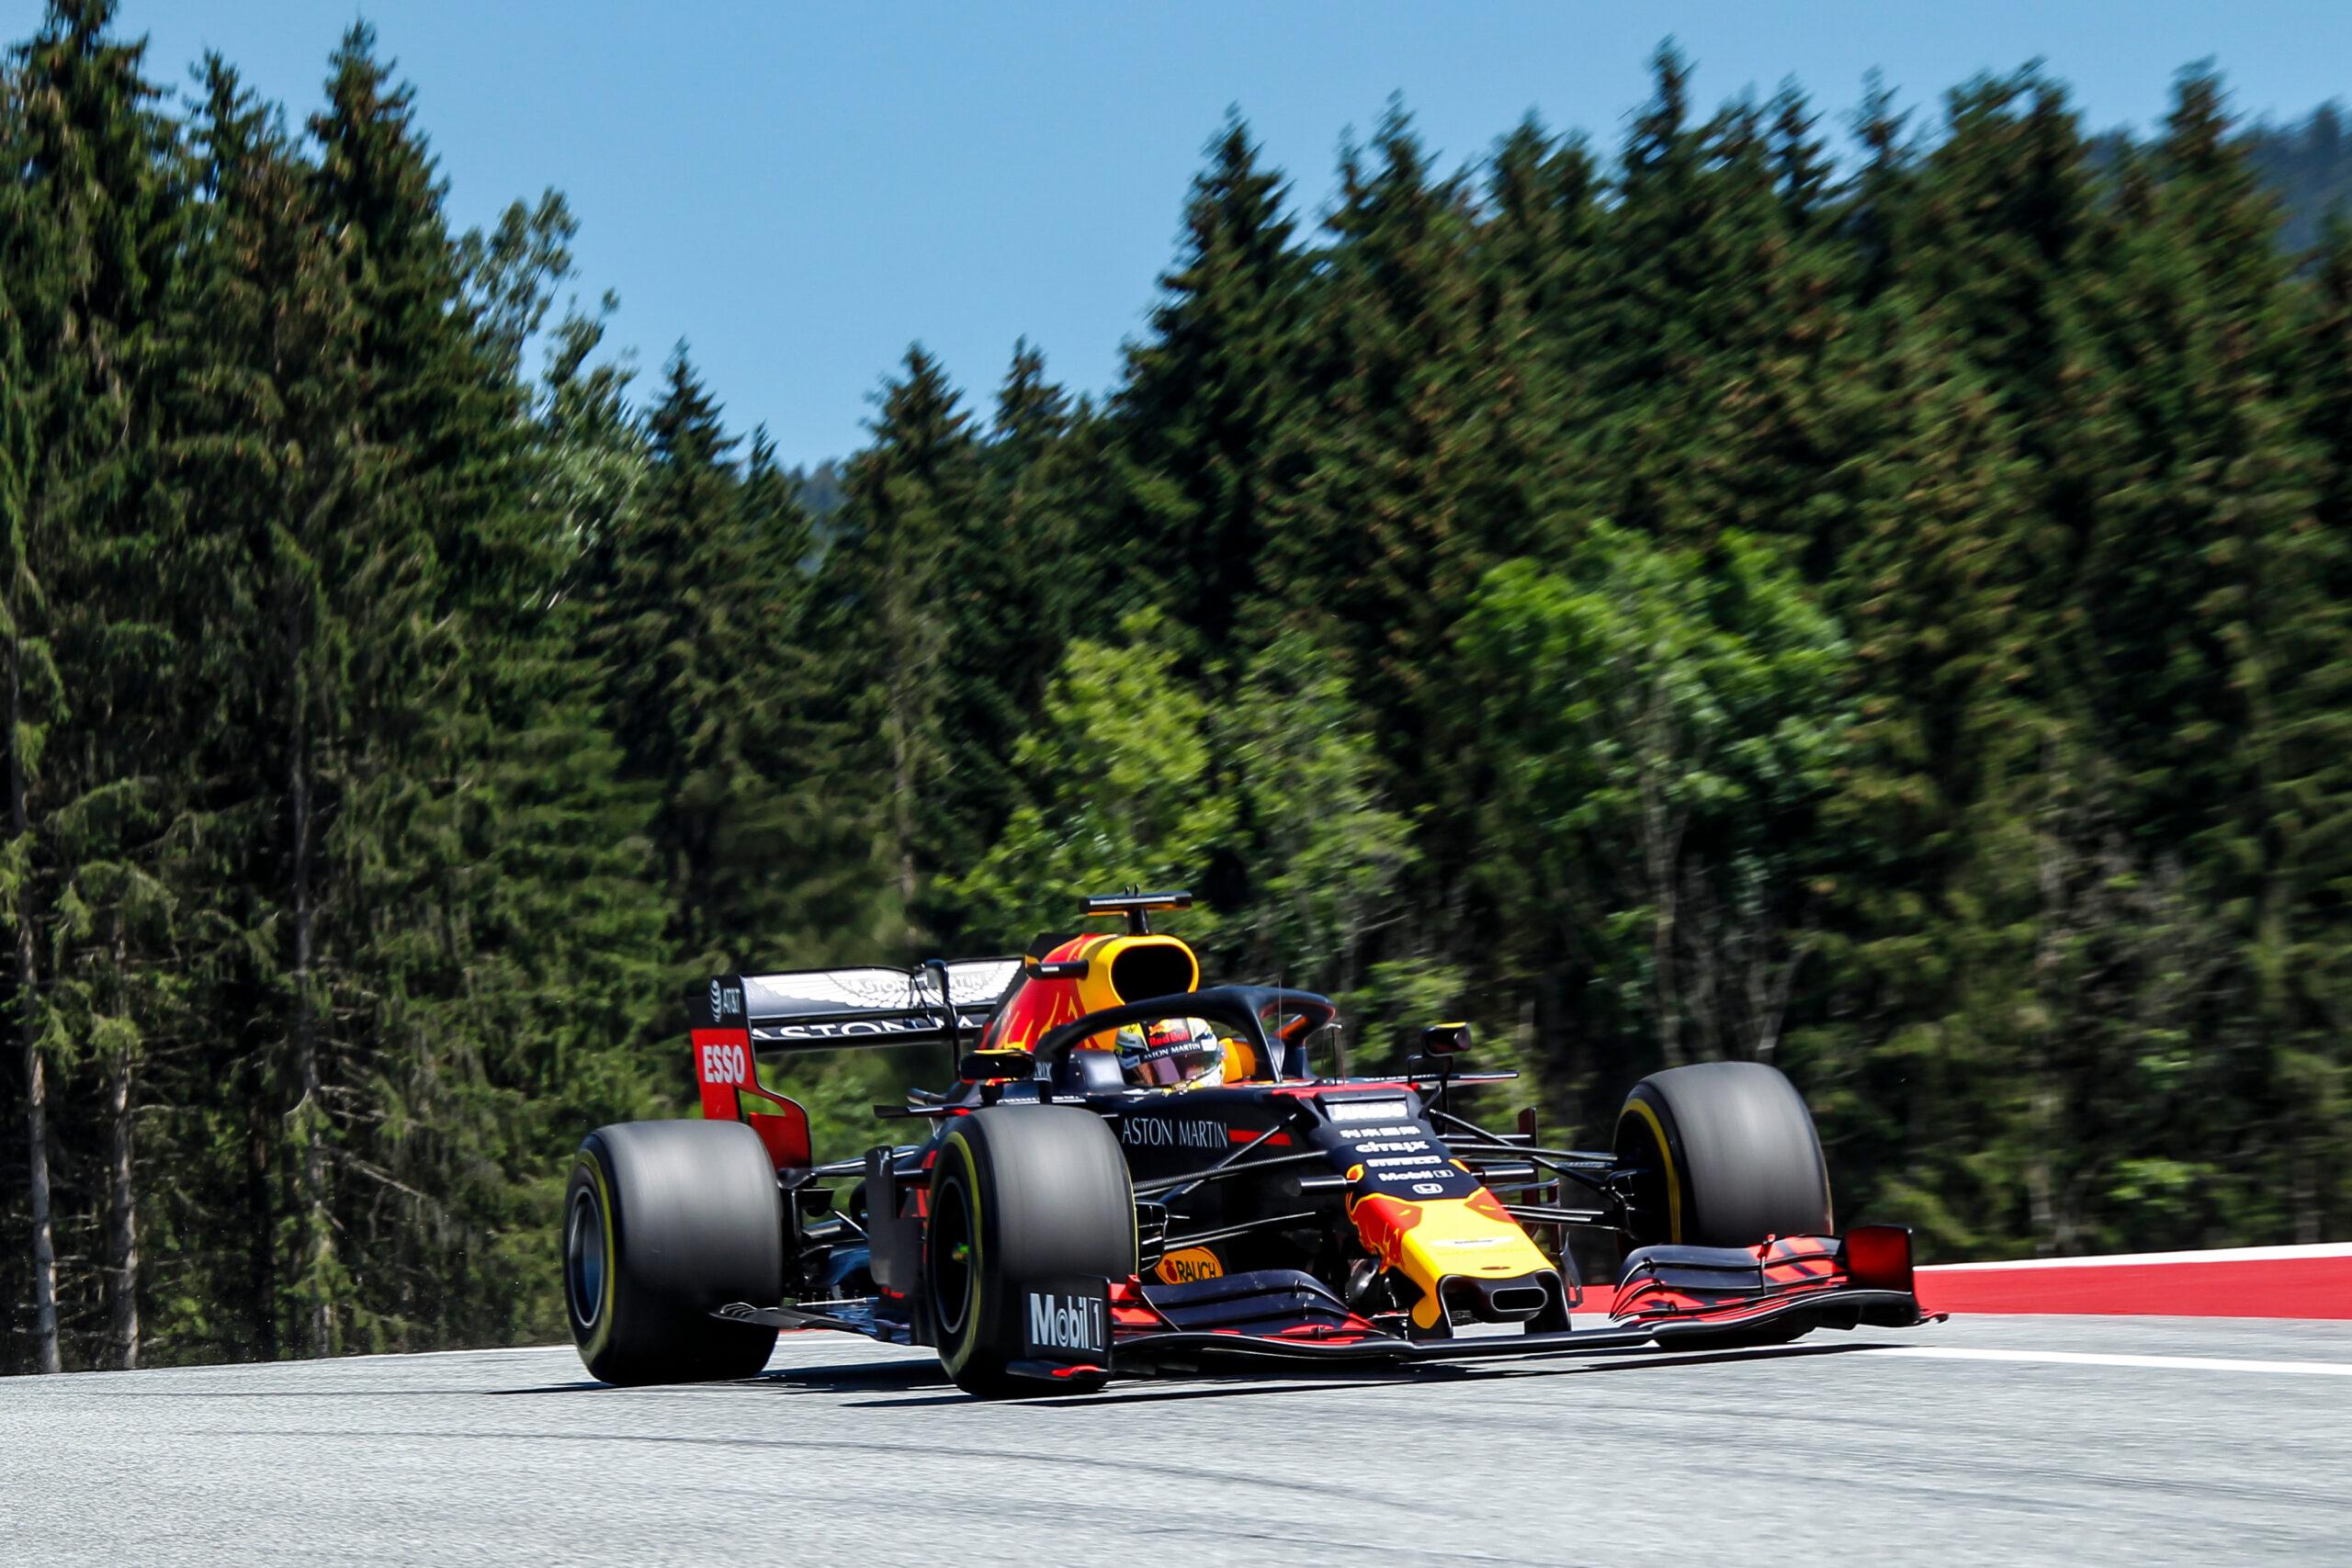 Formule 1 Oostenrijk – Vierdaagse vliegreis – Spielberg 2022